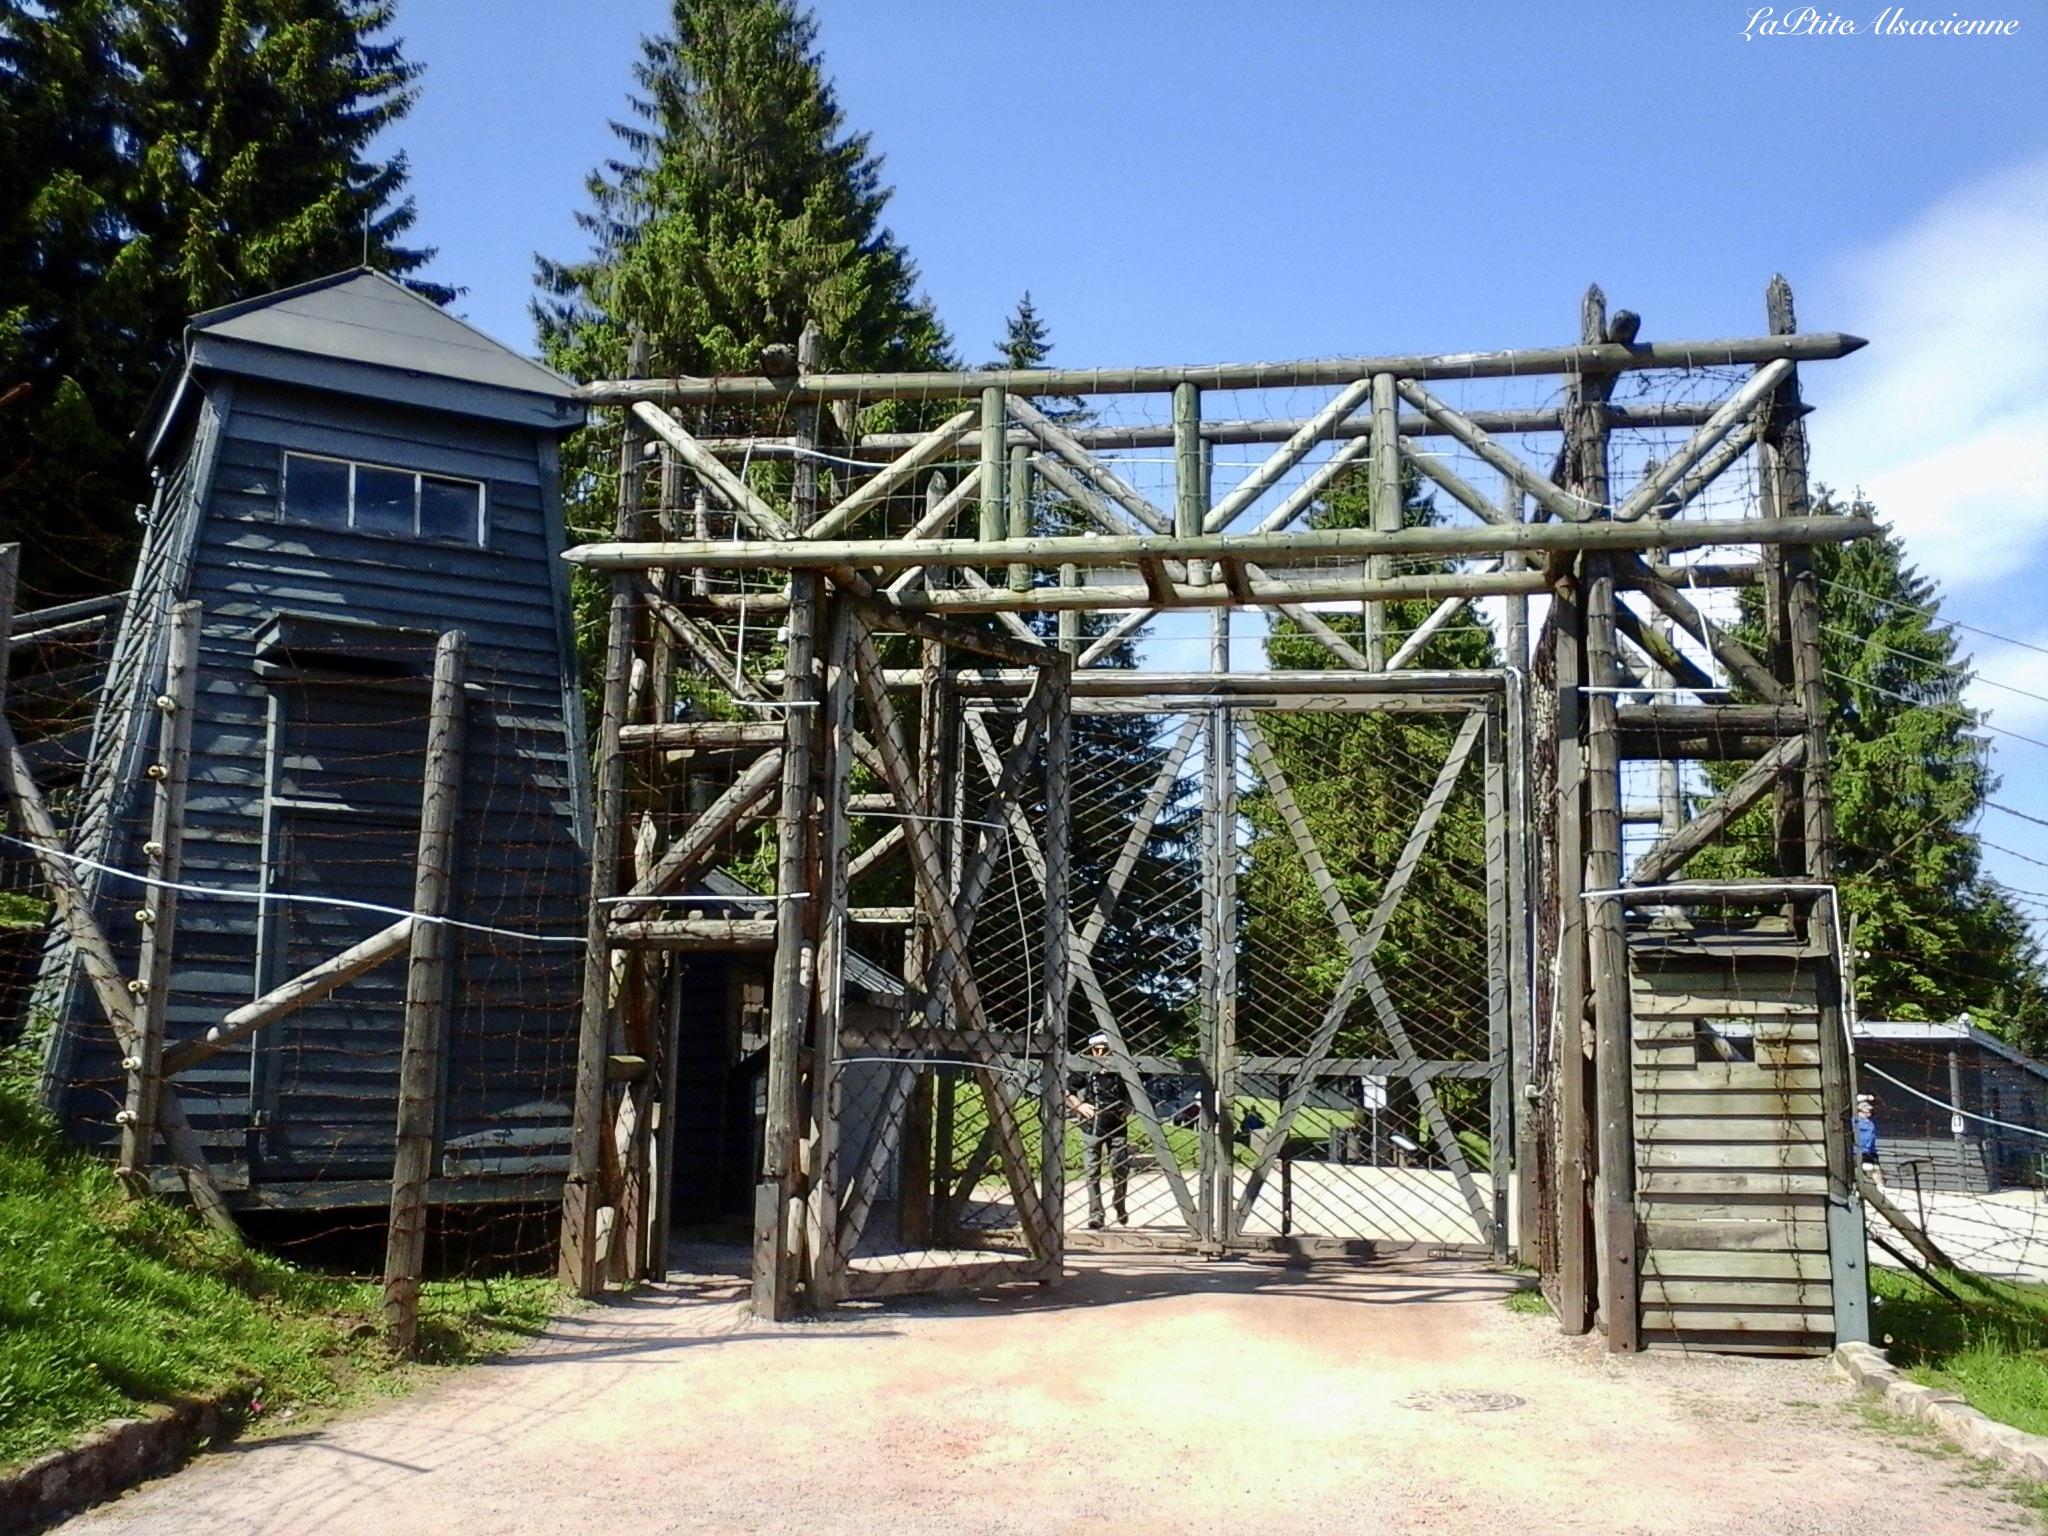 L'entrée (ou dans ce sens, la sortie) du Struthof - Photo de Cendrine Miesch